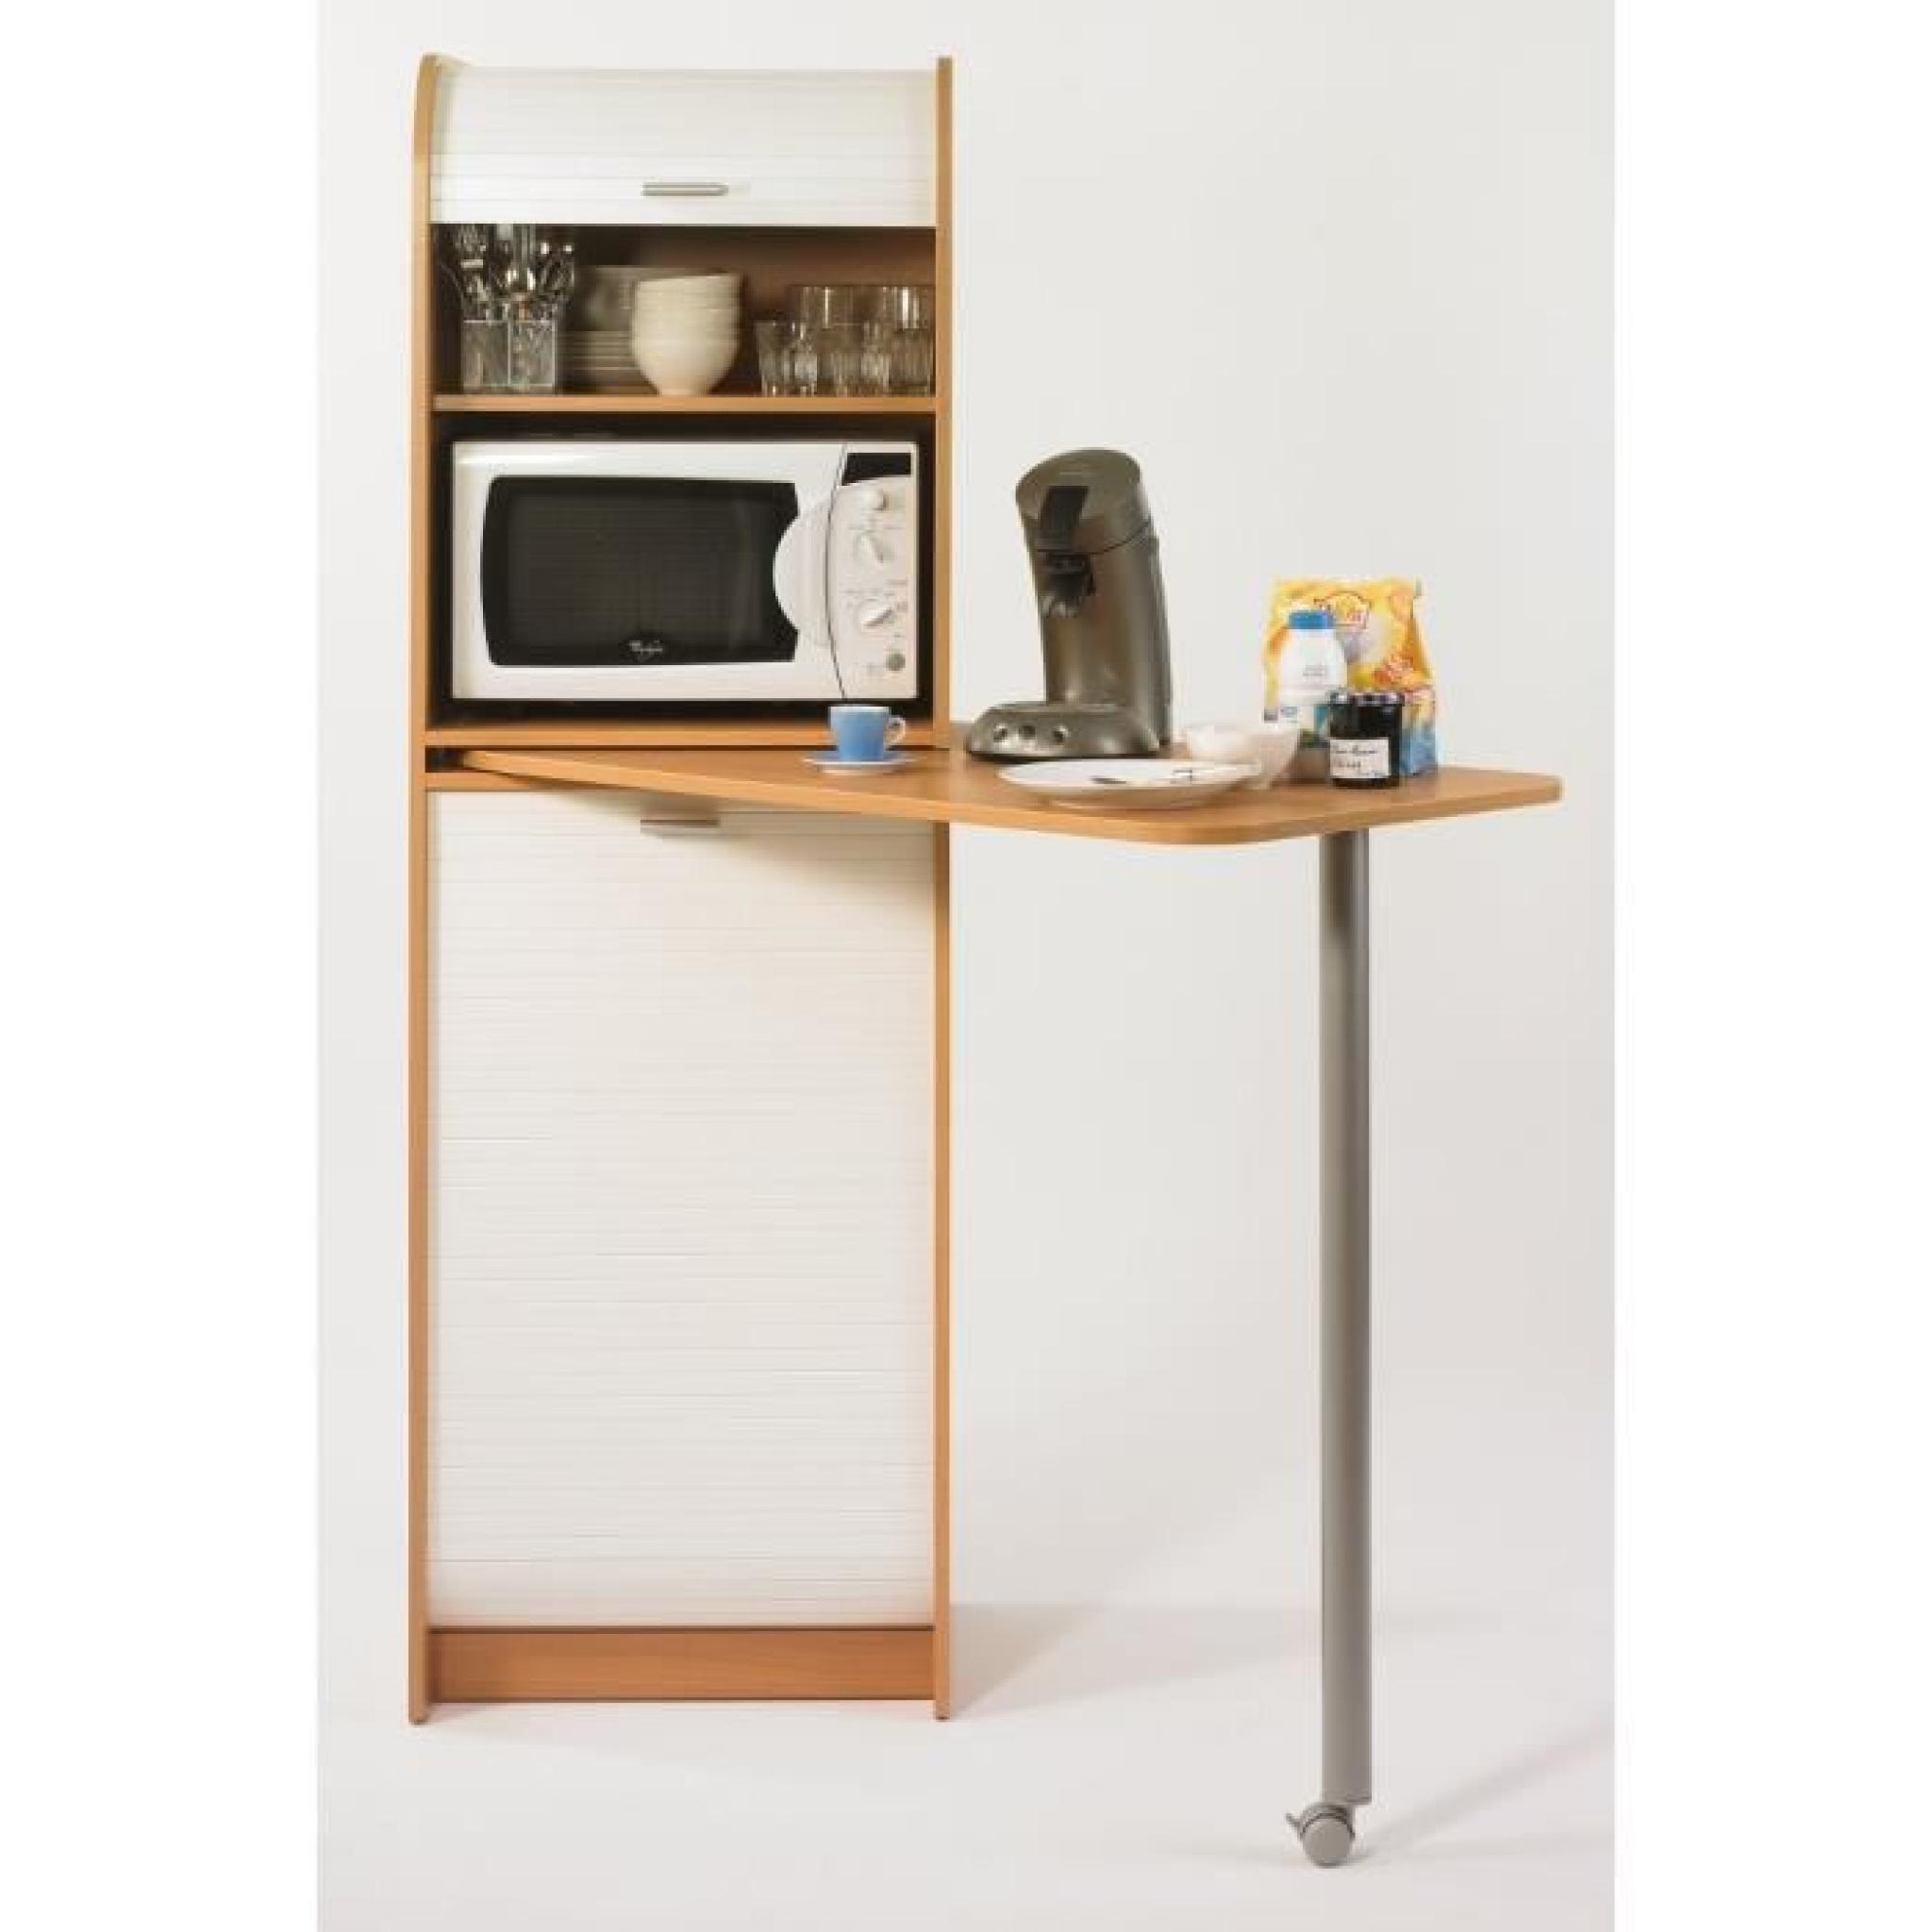 Snack meuble de rangement et table de cuisine 131 1 cm - Meuble de cuisine pas chere et facile ...